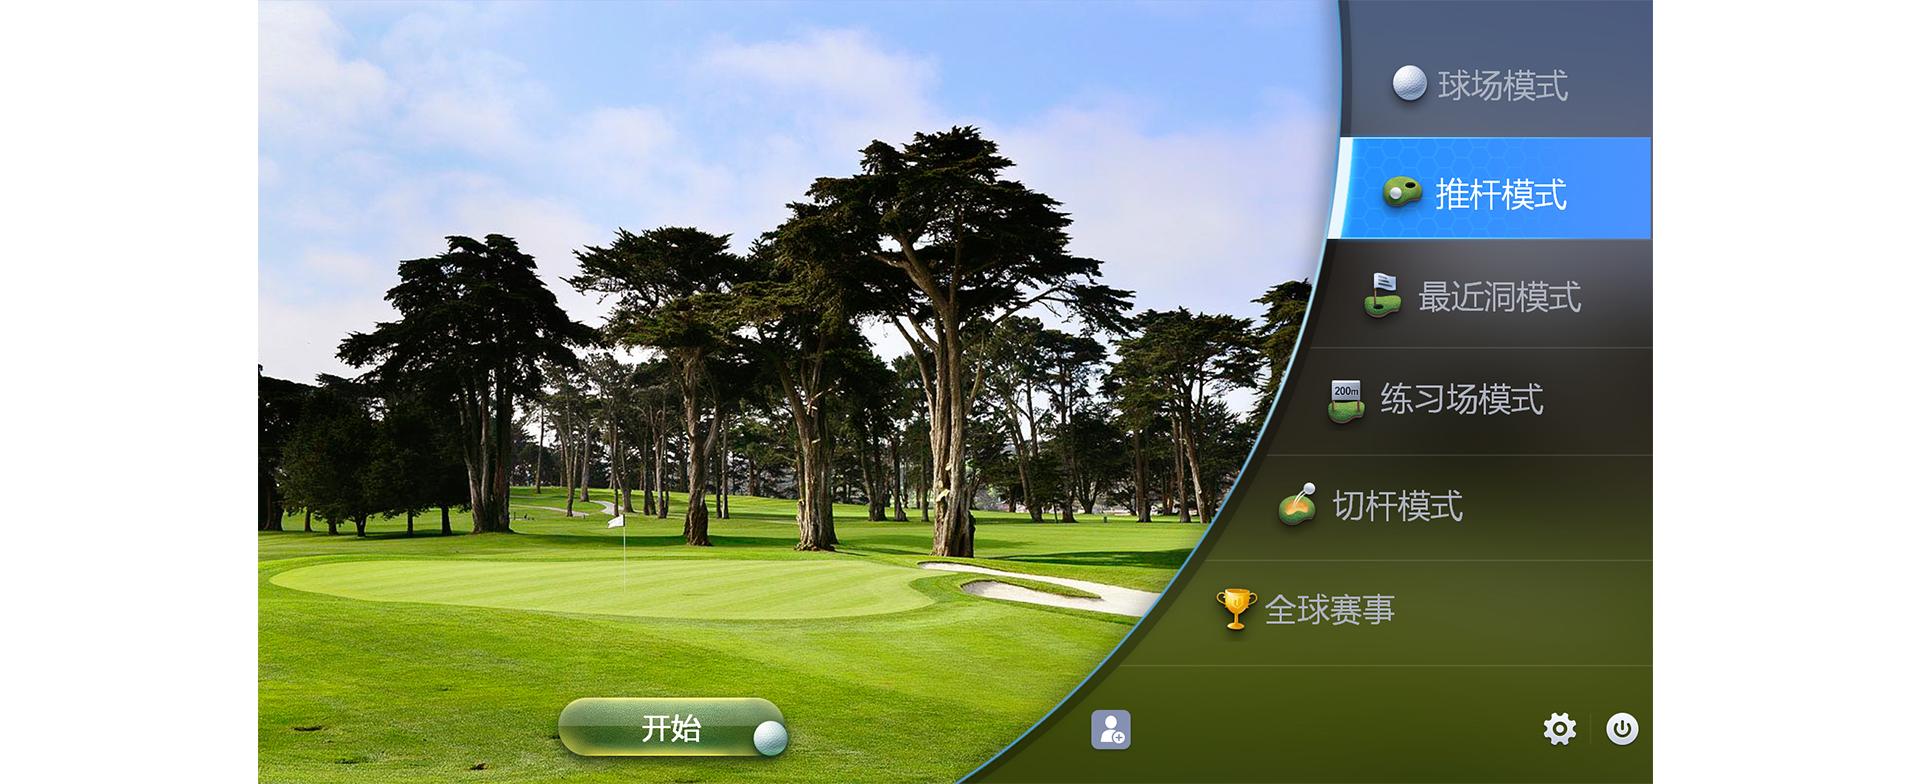 衡泰信模拟高尔夫系统之推杆模式.jpg